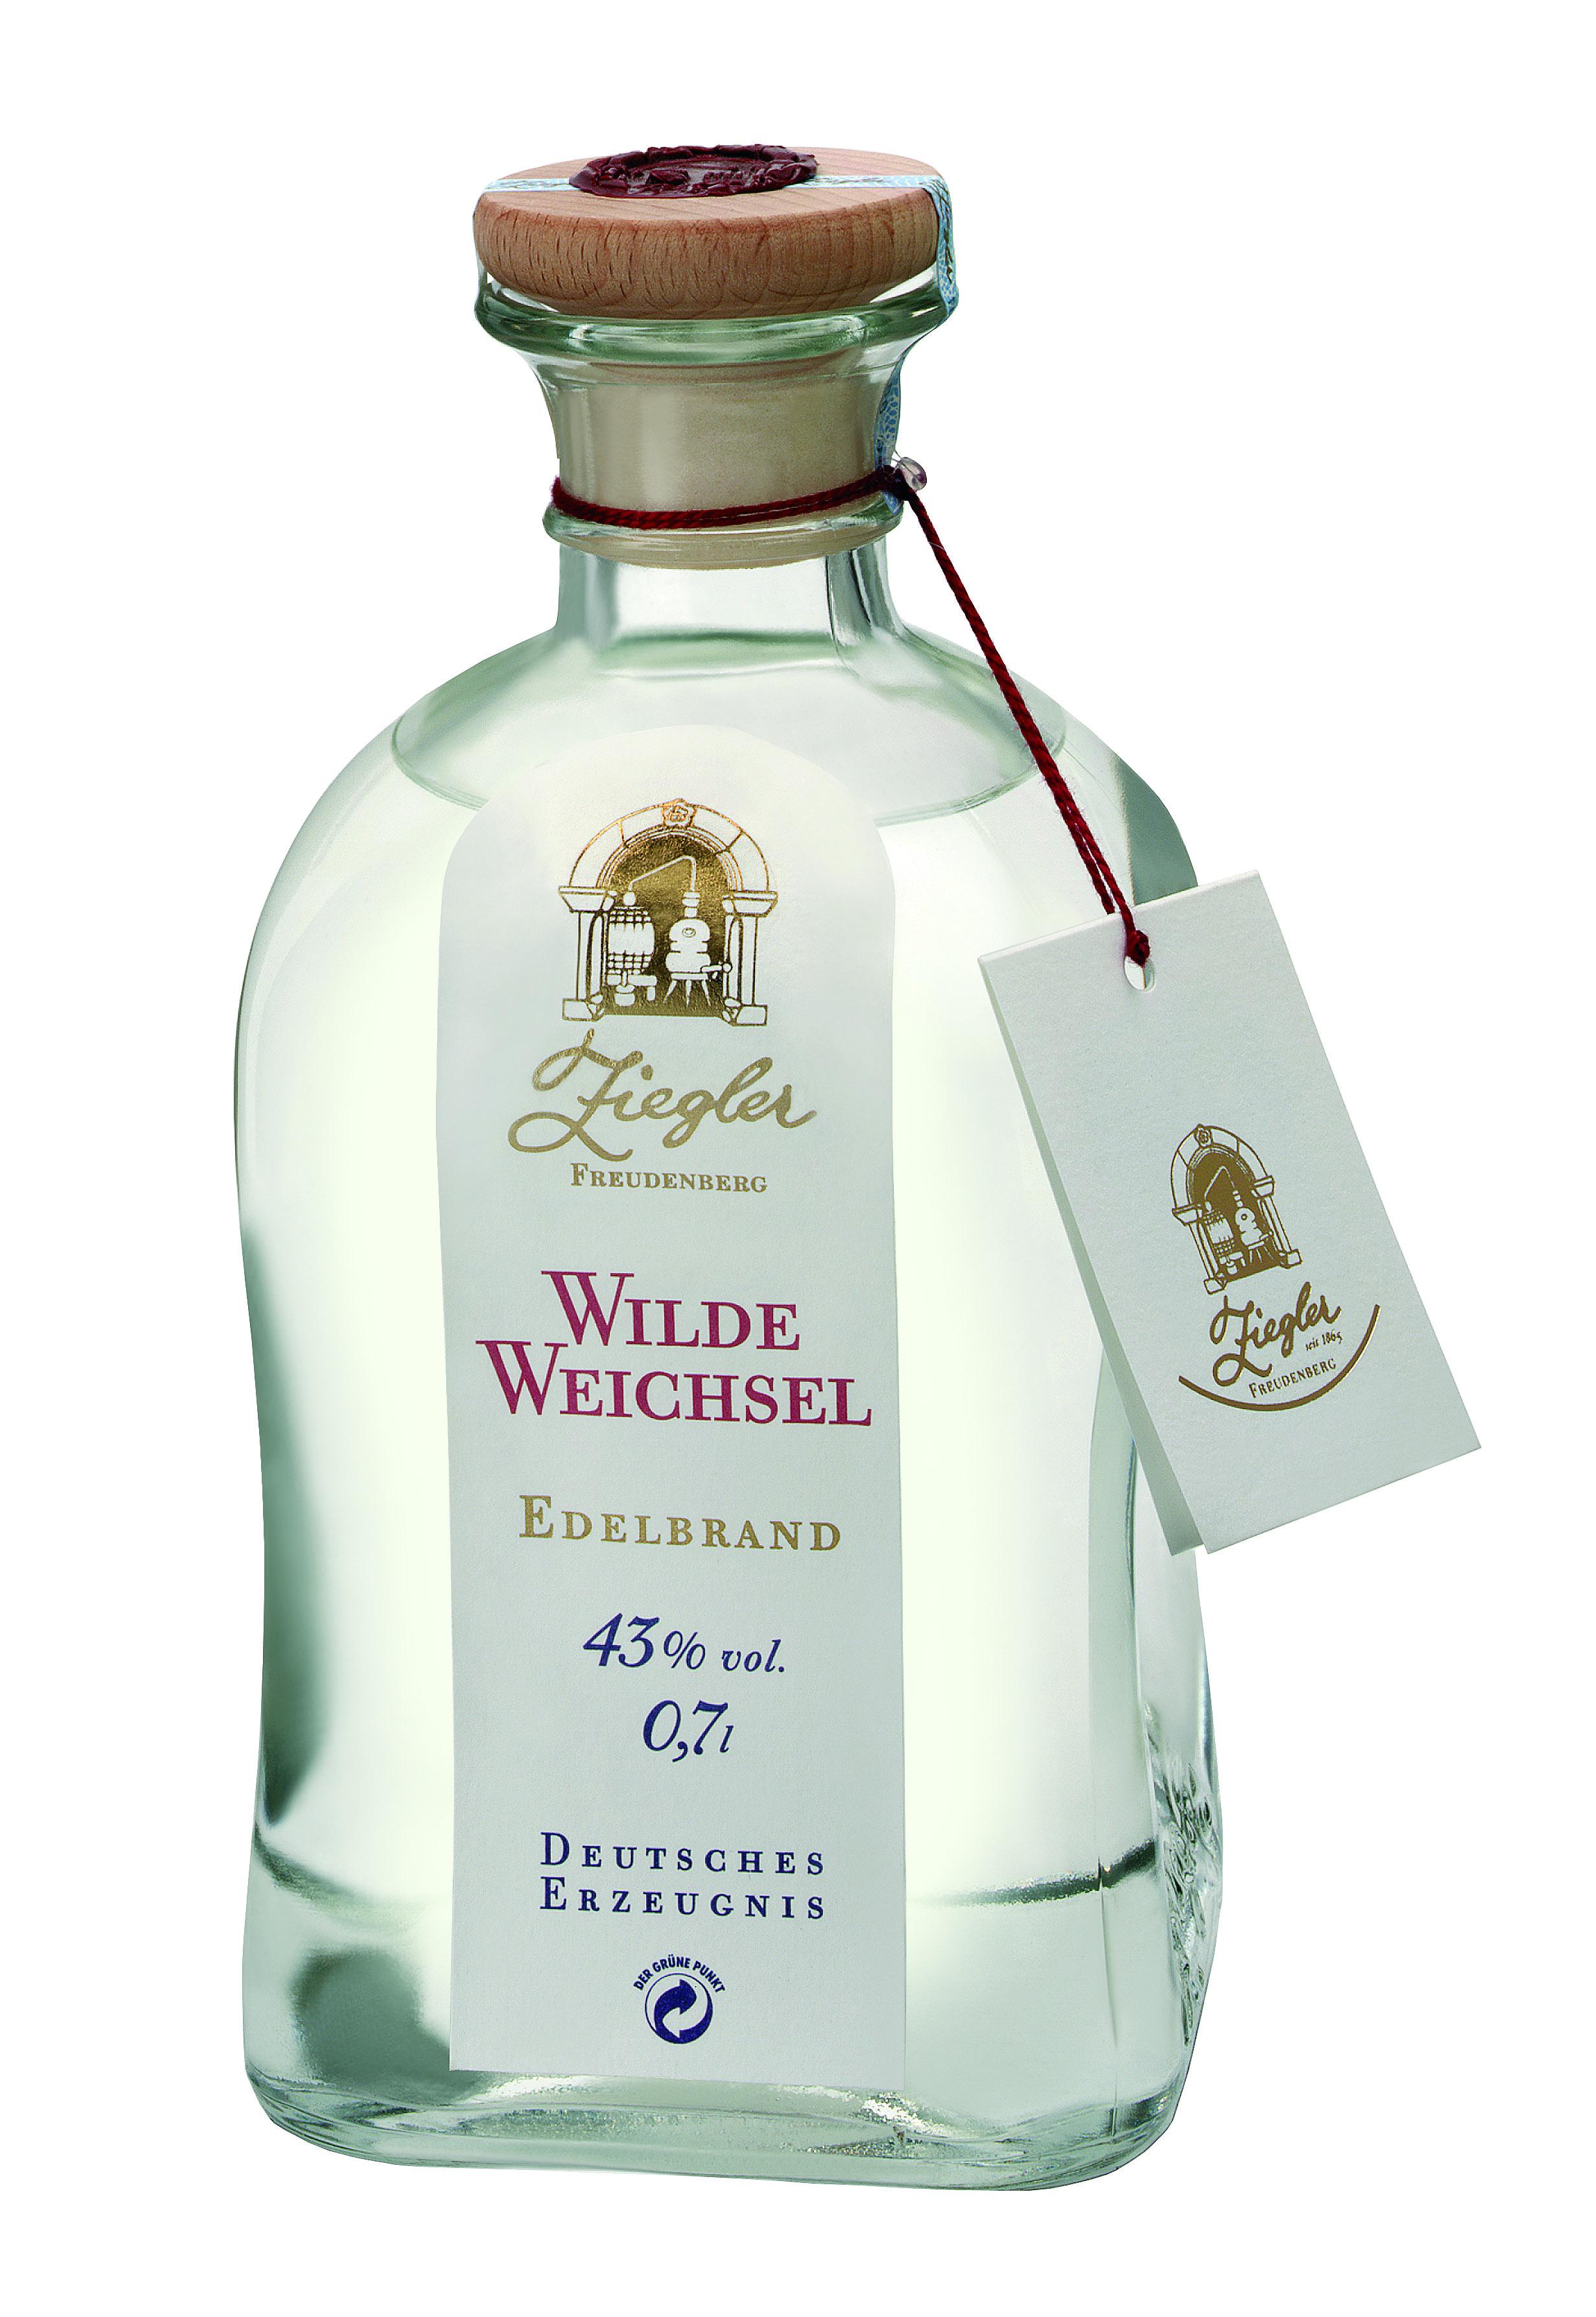 Ziegler Wilde Weichsel